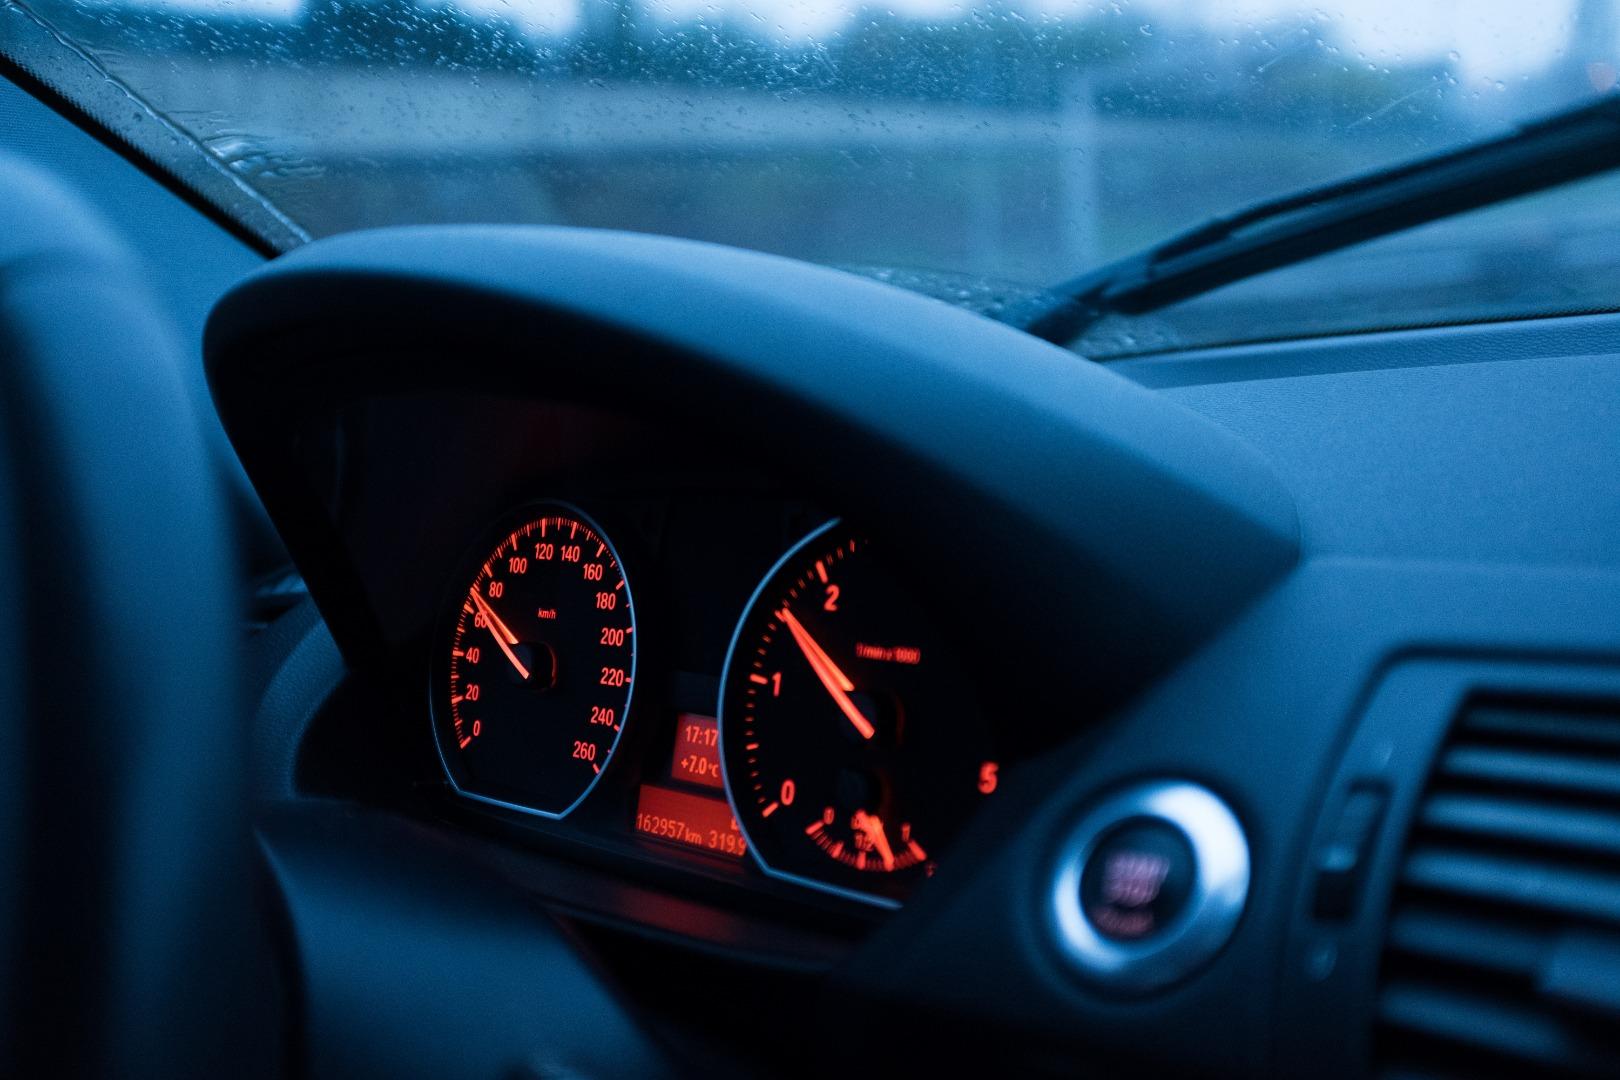 Screenshot of a car's dashboard